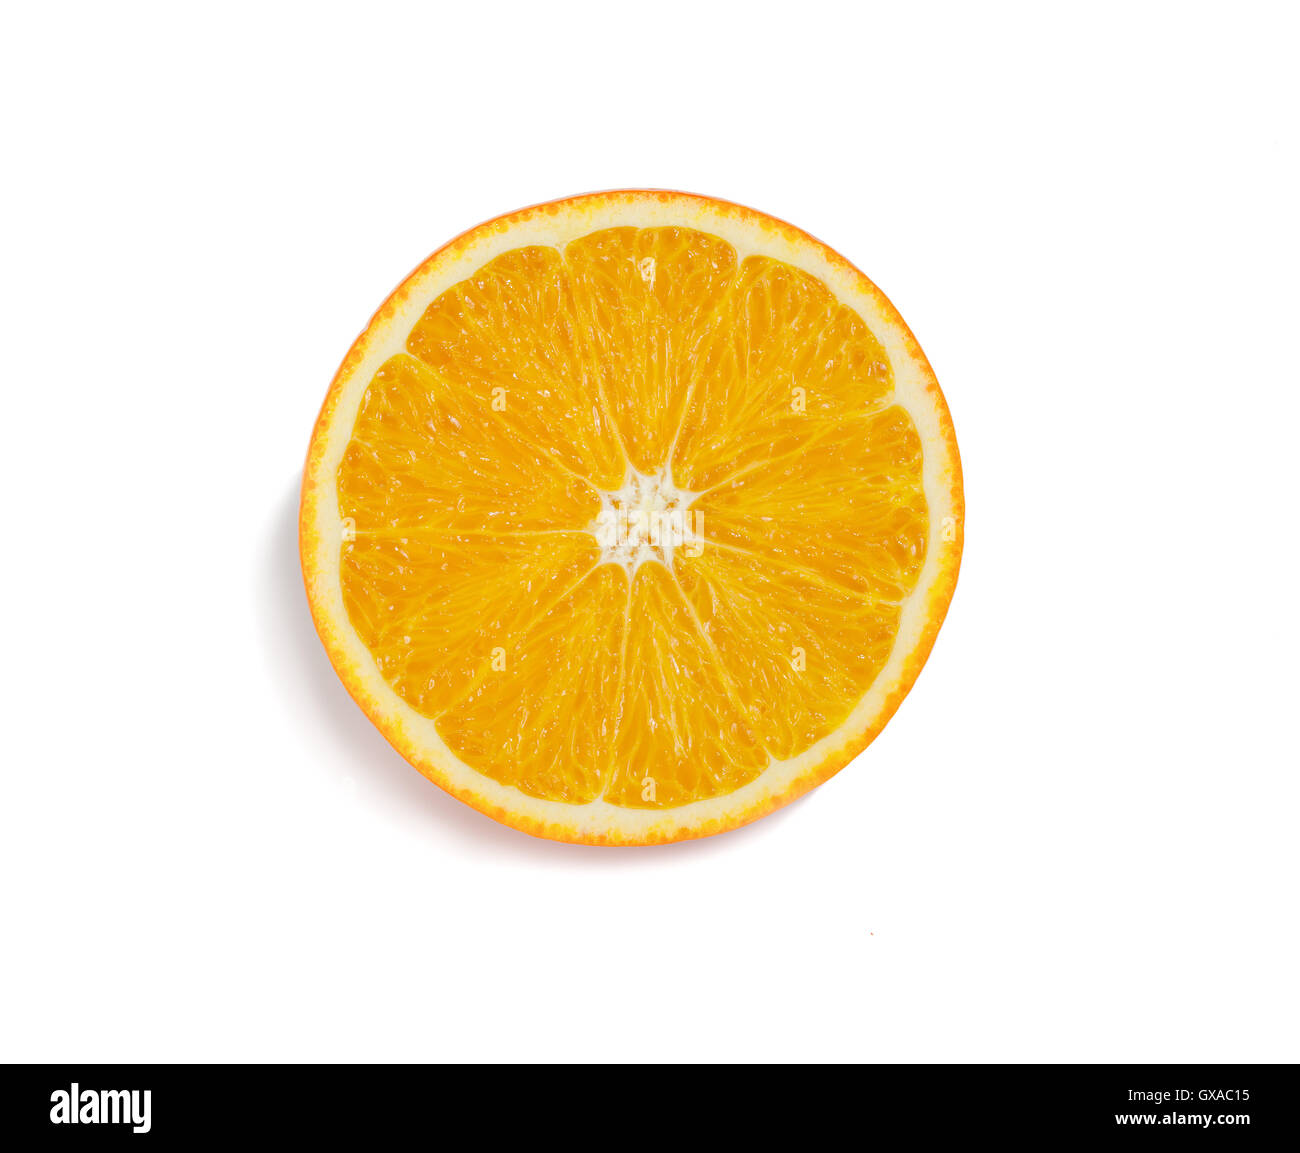 juicy tropical fruit orange on a white background - Stock Image